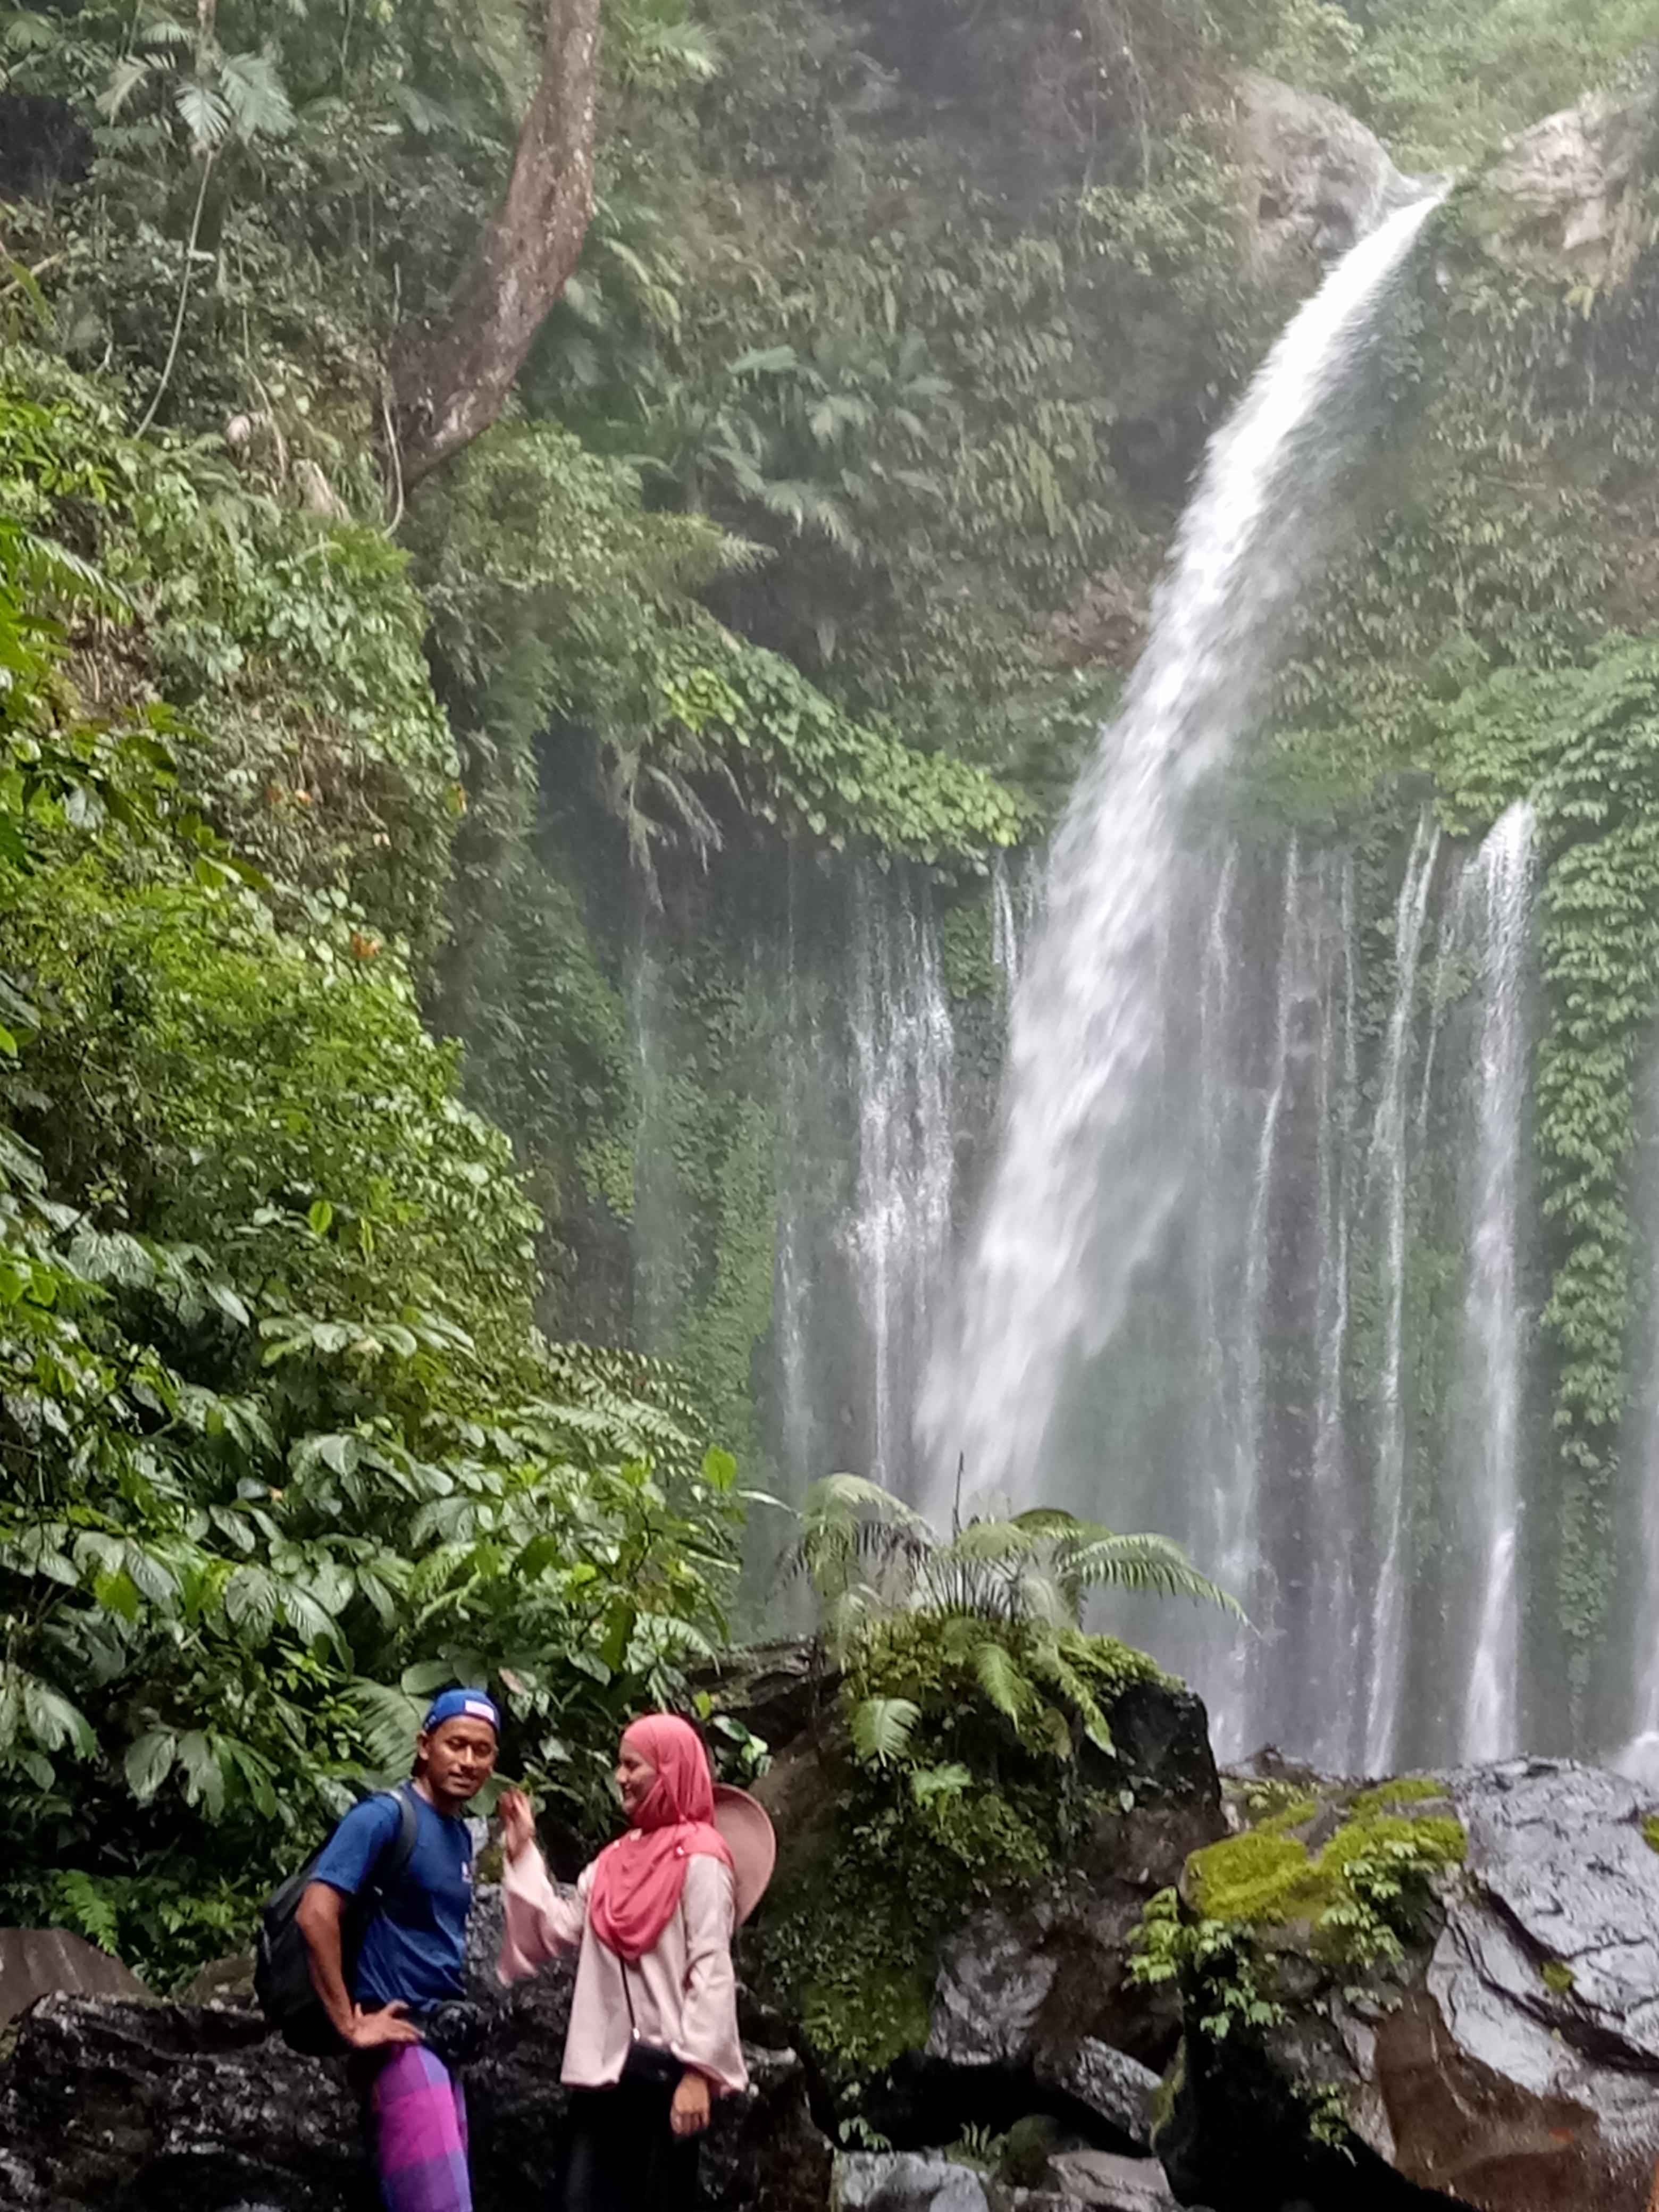 Wisata Air Terjun Senaru Paket Lombok Pintu Masuk Pendakian Menuju